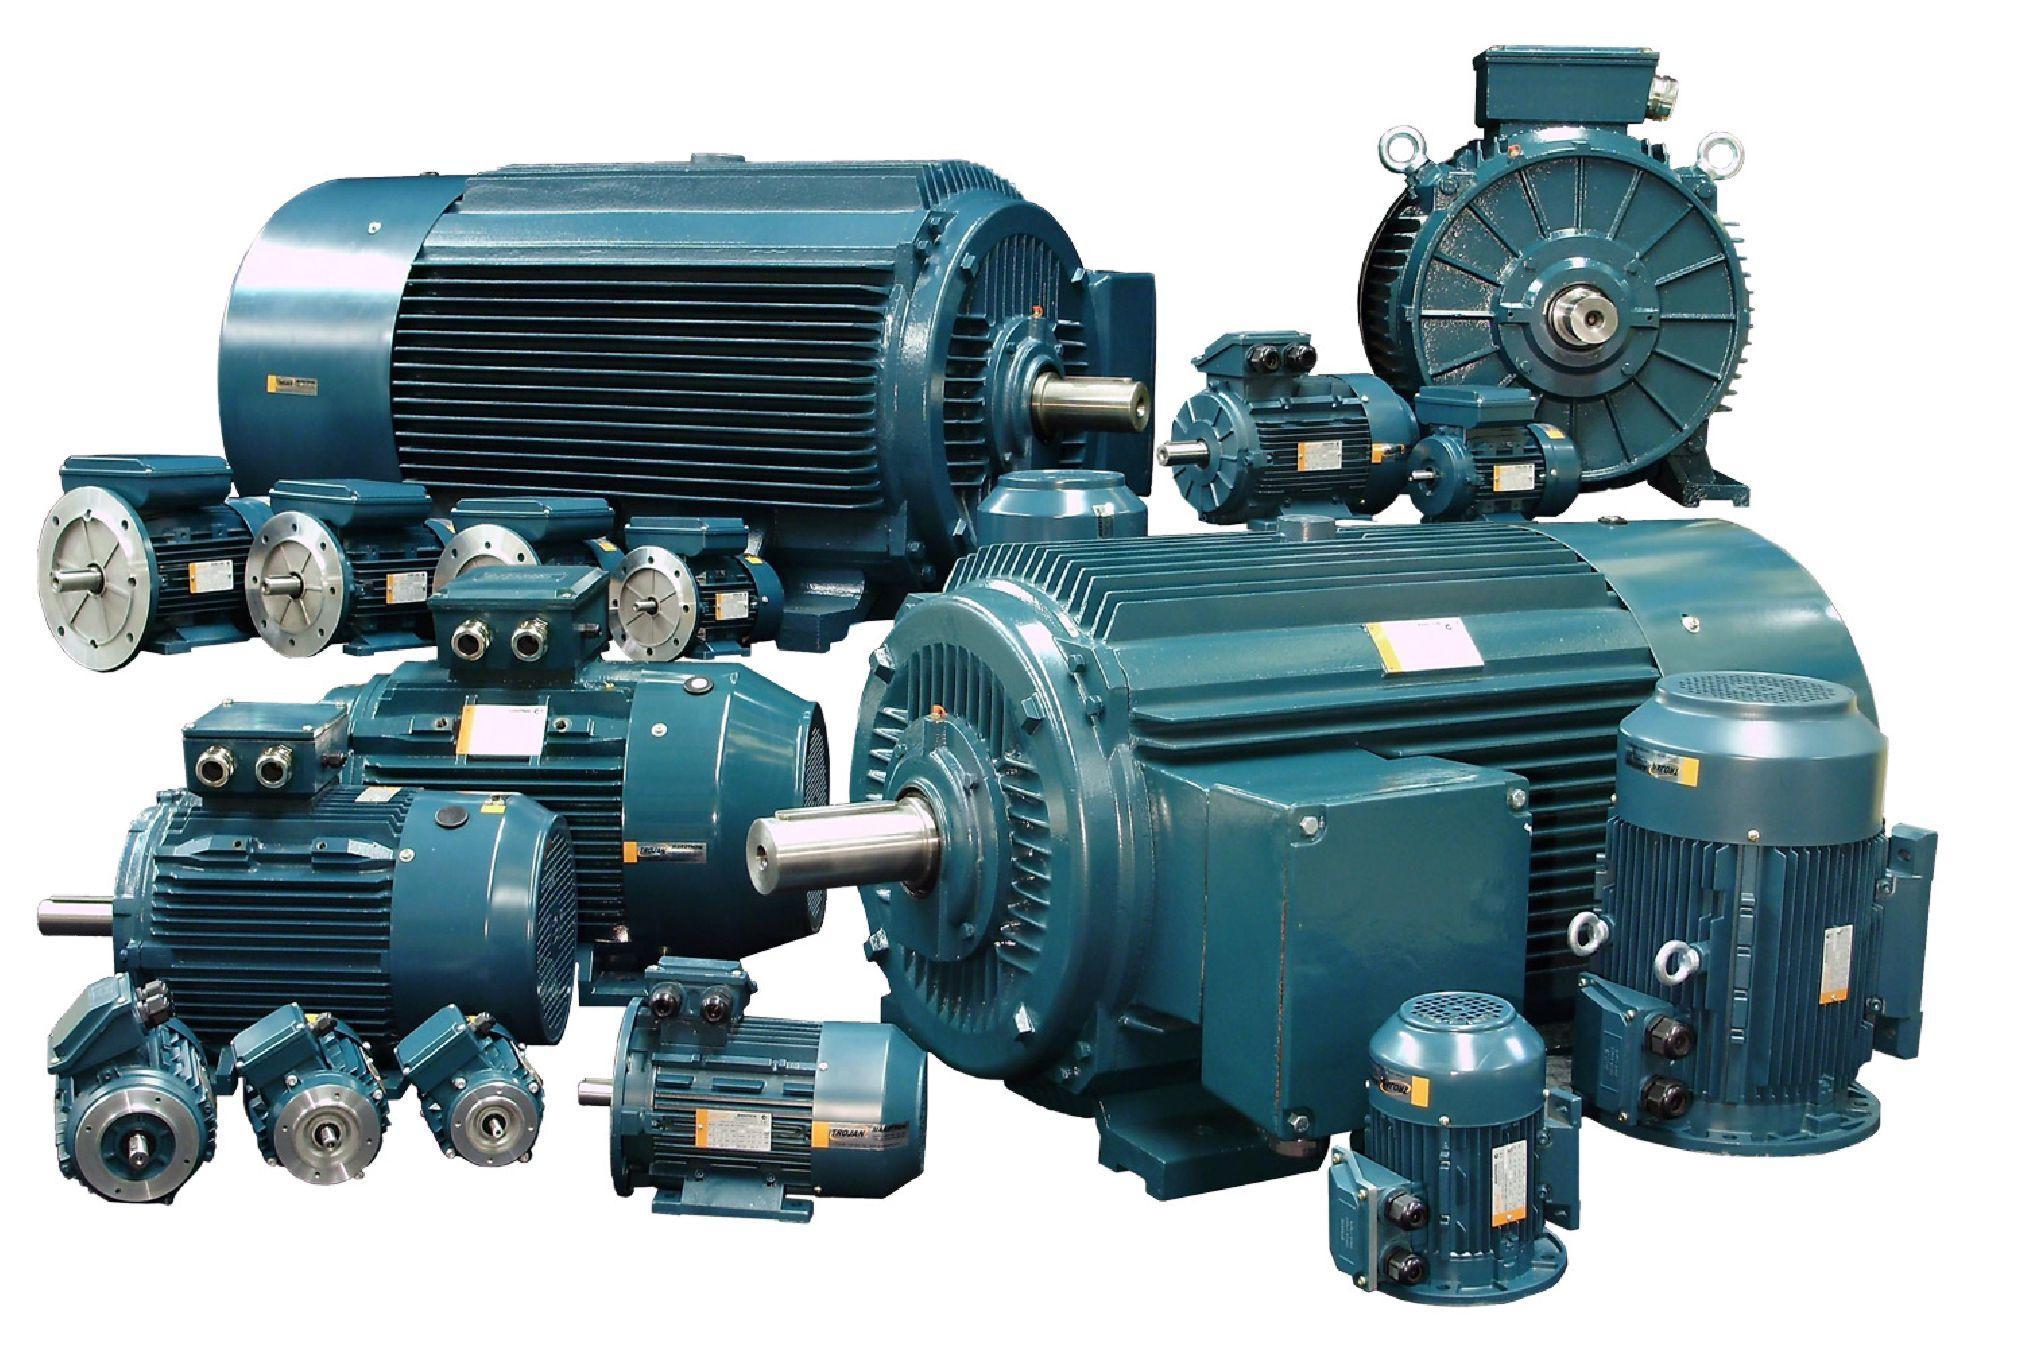 Определение в реальном времени активного сопротивления и потокосцепления ротора асинхронного двигателя при его работе в установившемся режиме